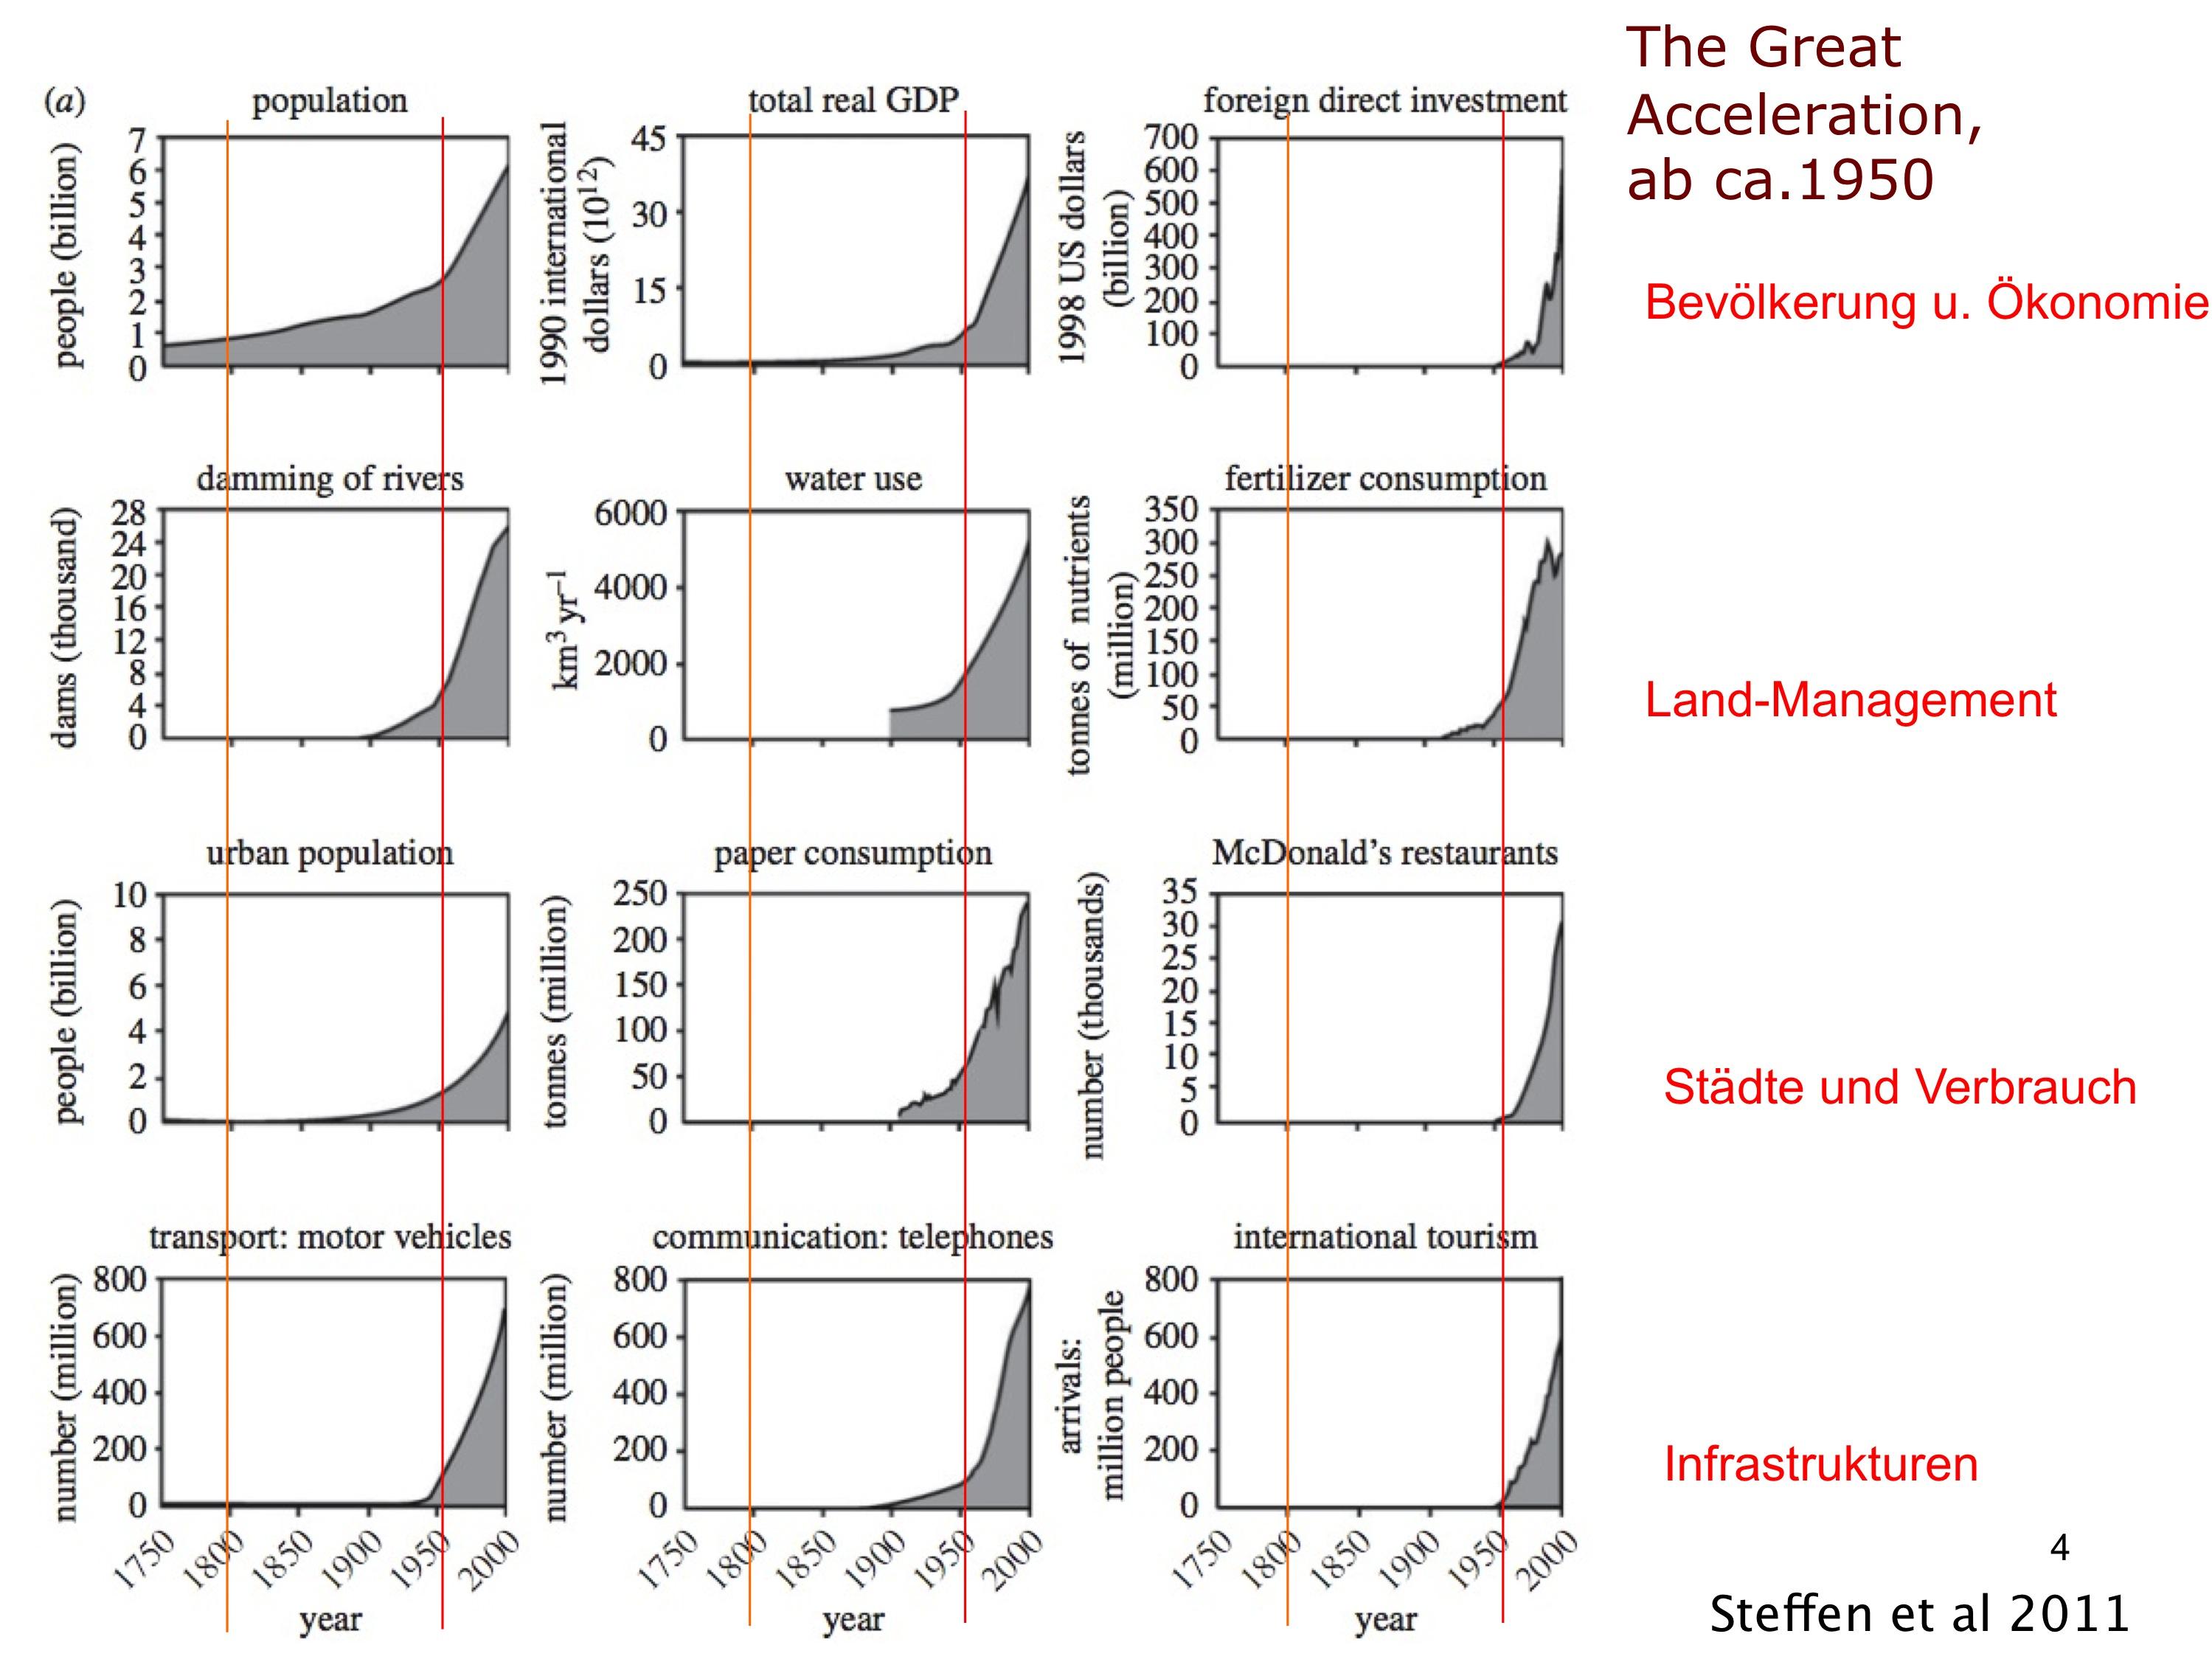 Die große Beschleunigung (aus Steffen et al. 2011, verändert). b) gesellschaftlich-technische Veränderungen. Der Peak ist um 1950 besonders stark ausgeprägt.